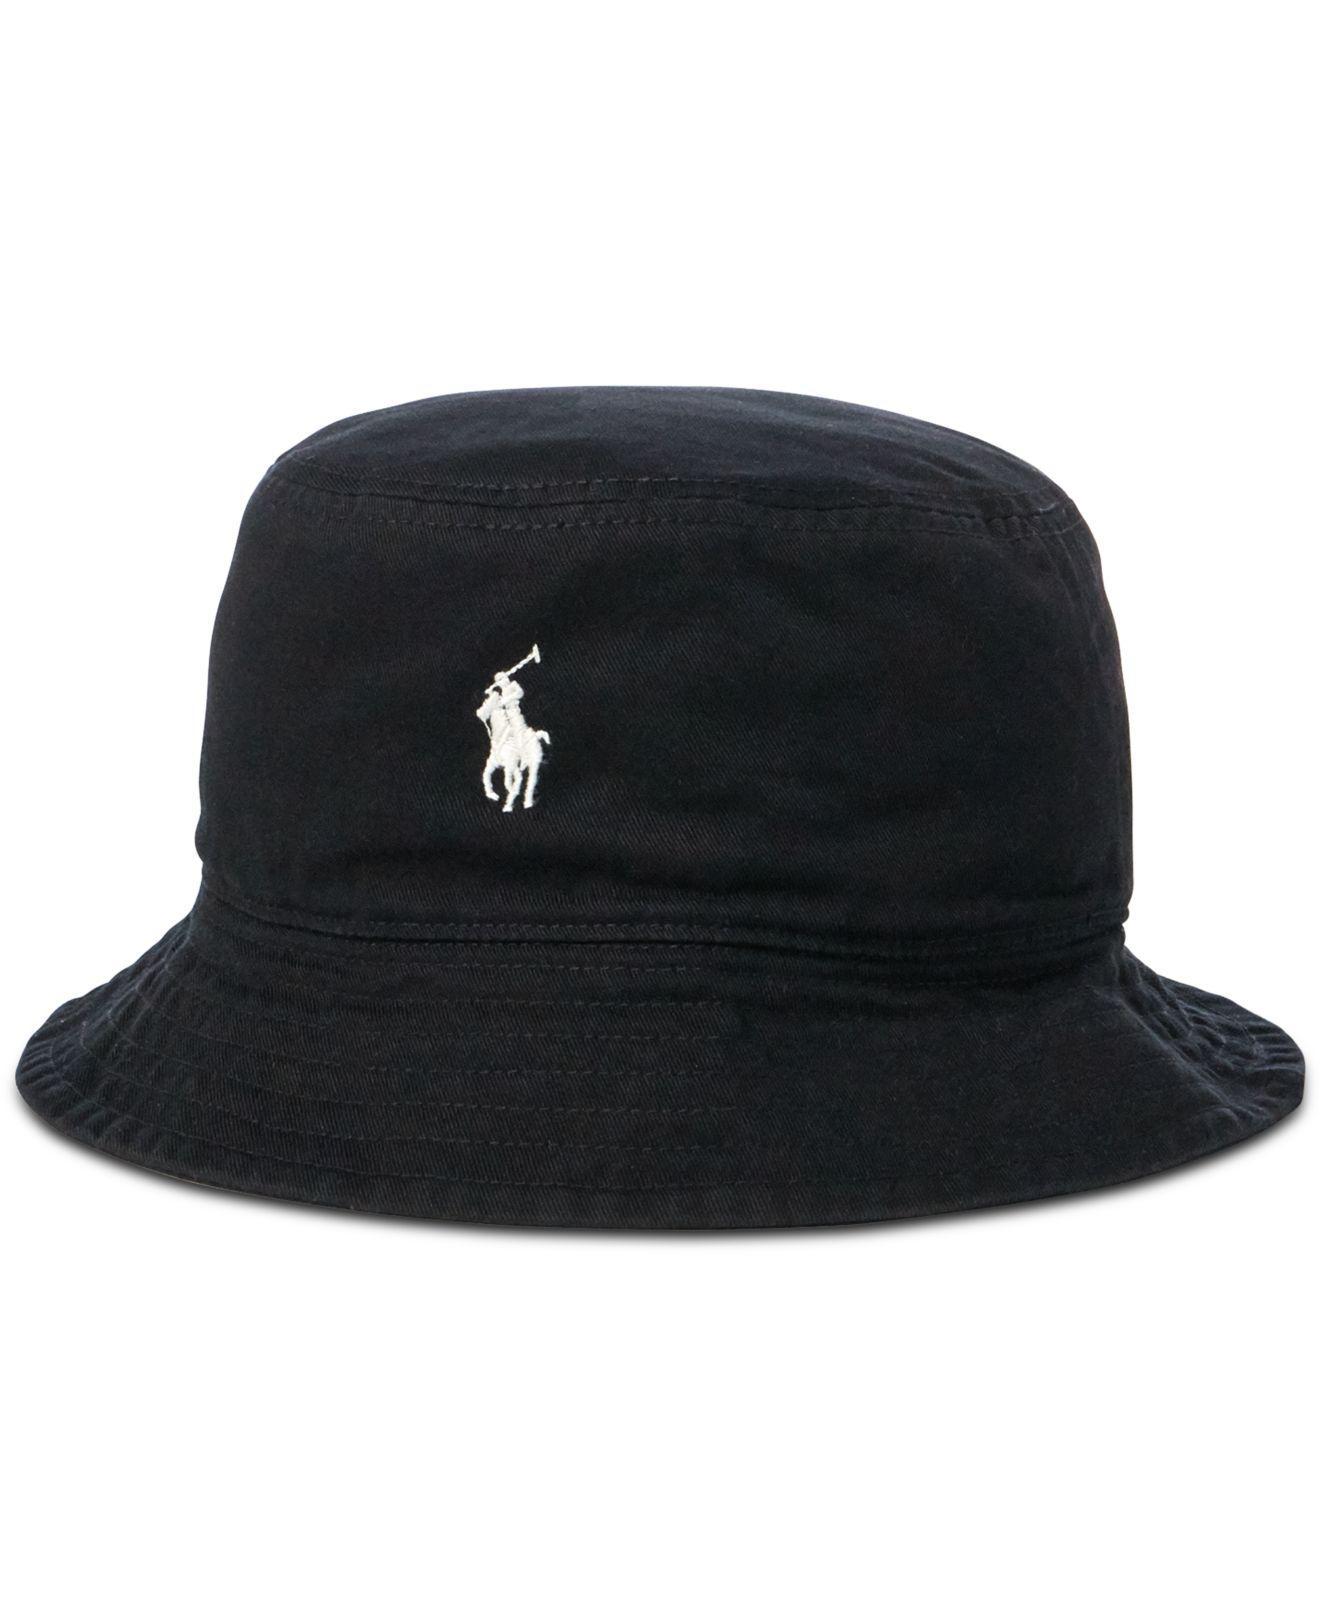 63b5b9ce36d Lyst Polo Ralph Lauren Reversible Twill Bucket Hat In Black For Men